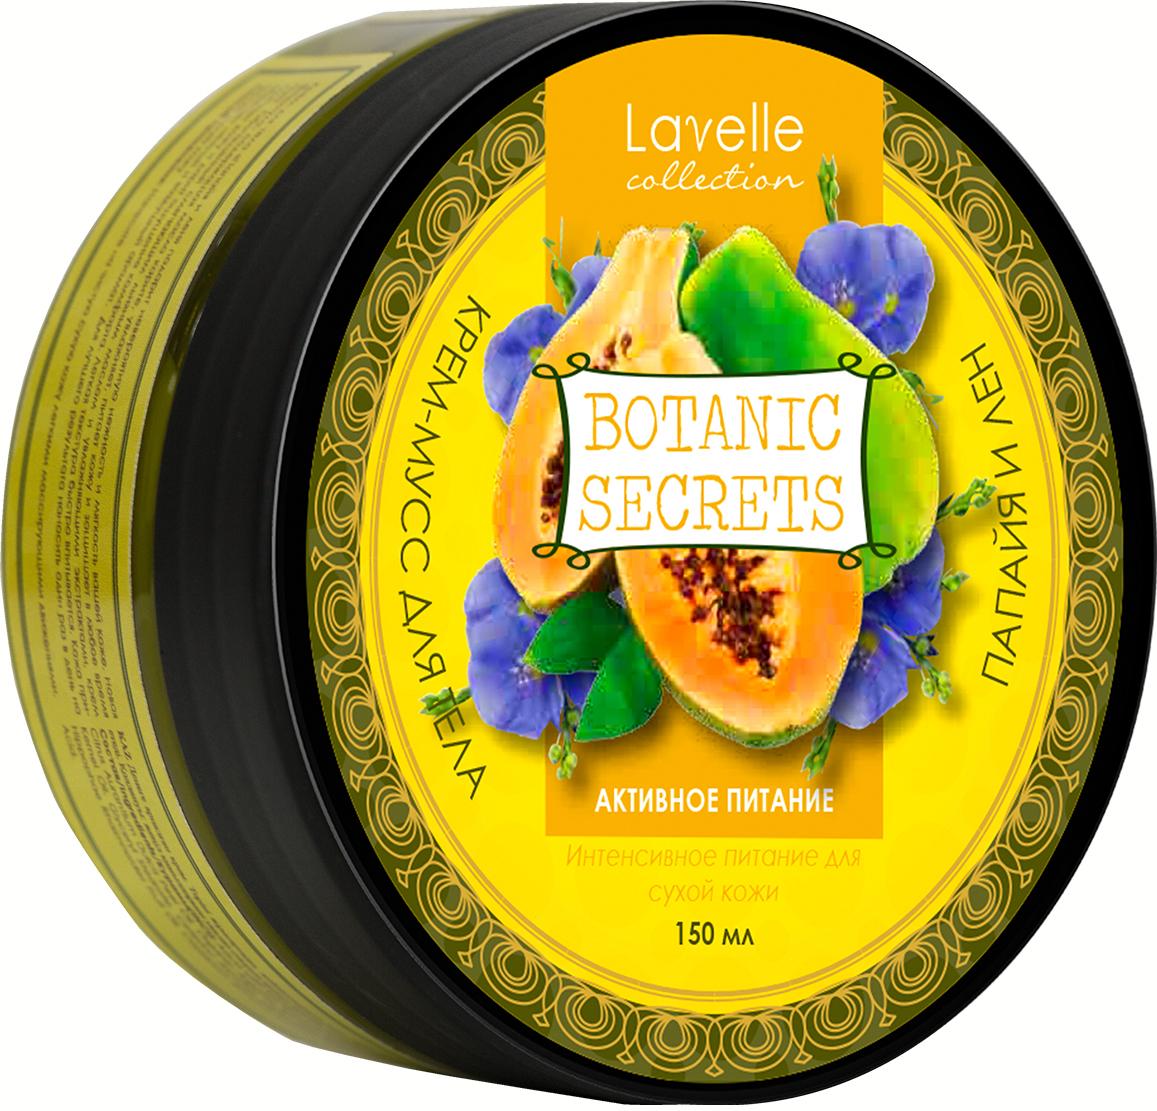 Крем для тела Botanic Secrets Папайя и лен, 150 млBS-45552KКрем для тела Папайа и лен с маслом каритэ и экстрактами фруктов подарит ежедневное наслаждение Вашему телу. Сбалансированный состав и легкая текстура придают невероятную нежность Вашей коже. Благодаря специальной формуле, крем глубоко увлажняет, питает кожу, даря поистине нежный аромат фруктов. Подходит для всех типов кожи.